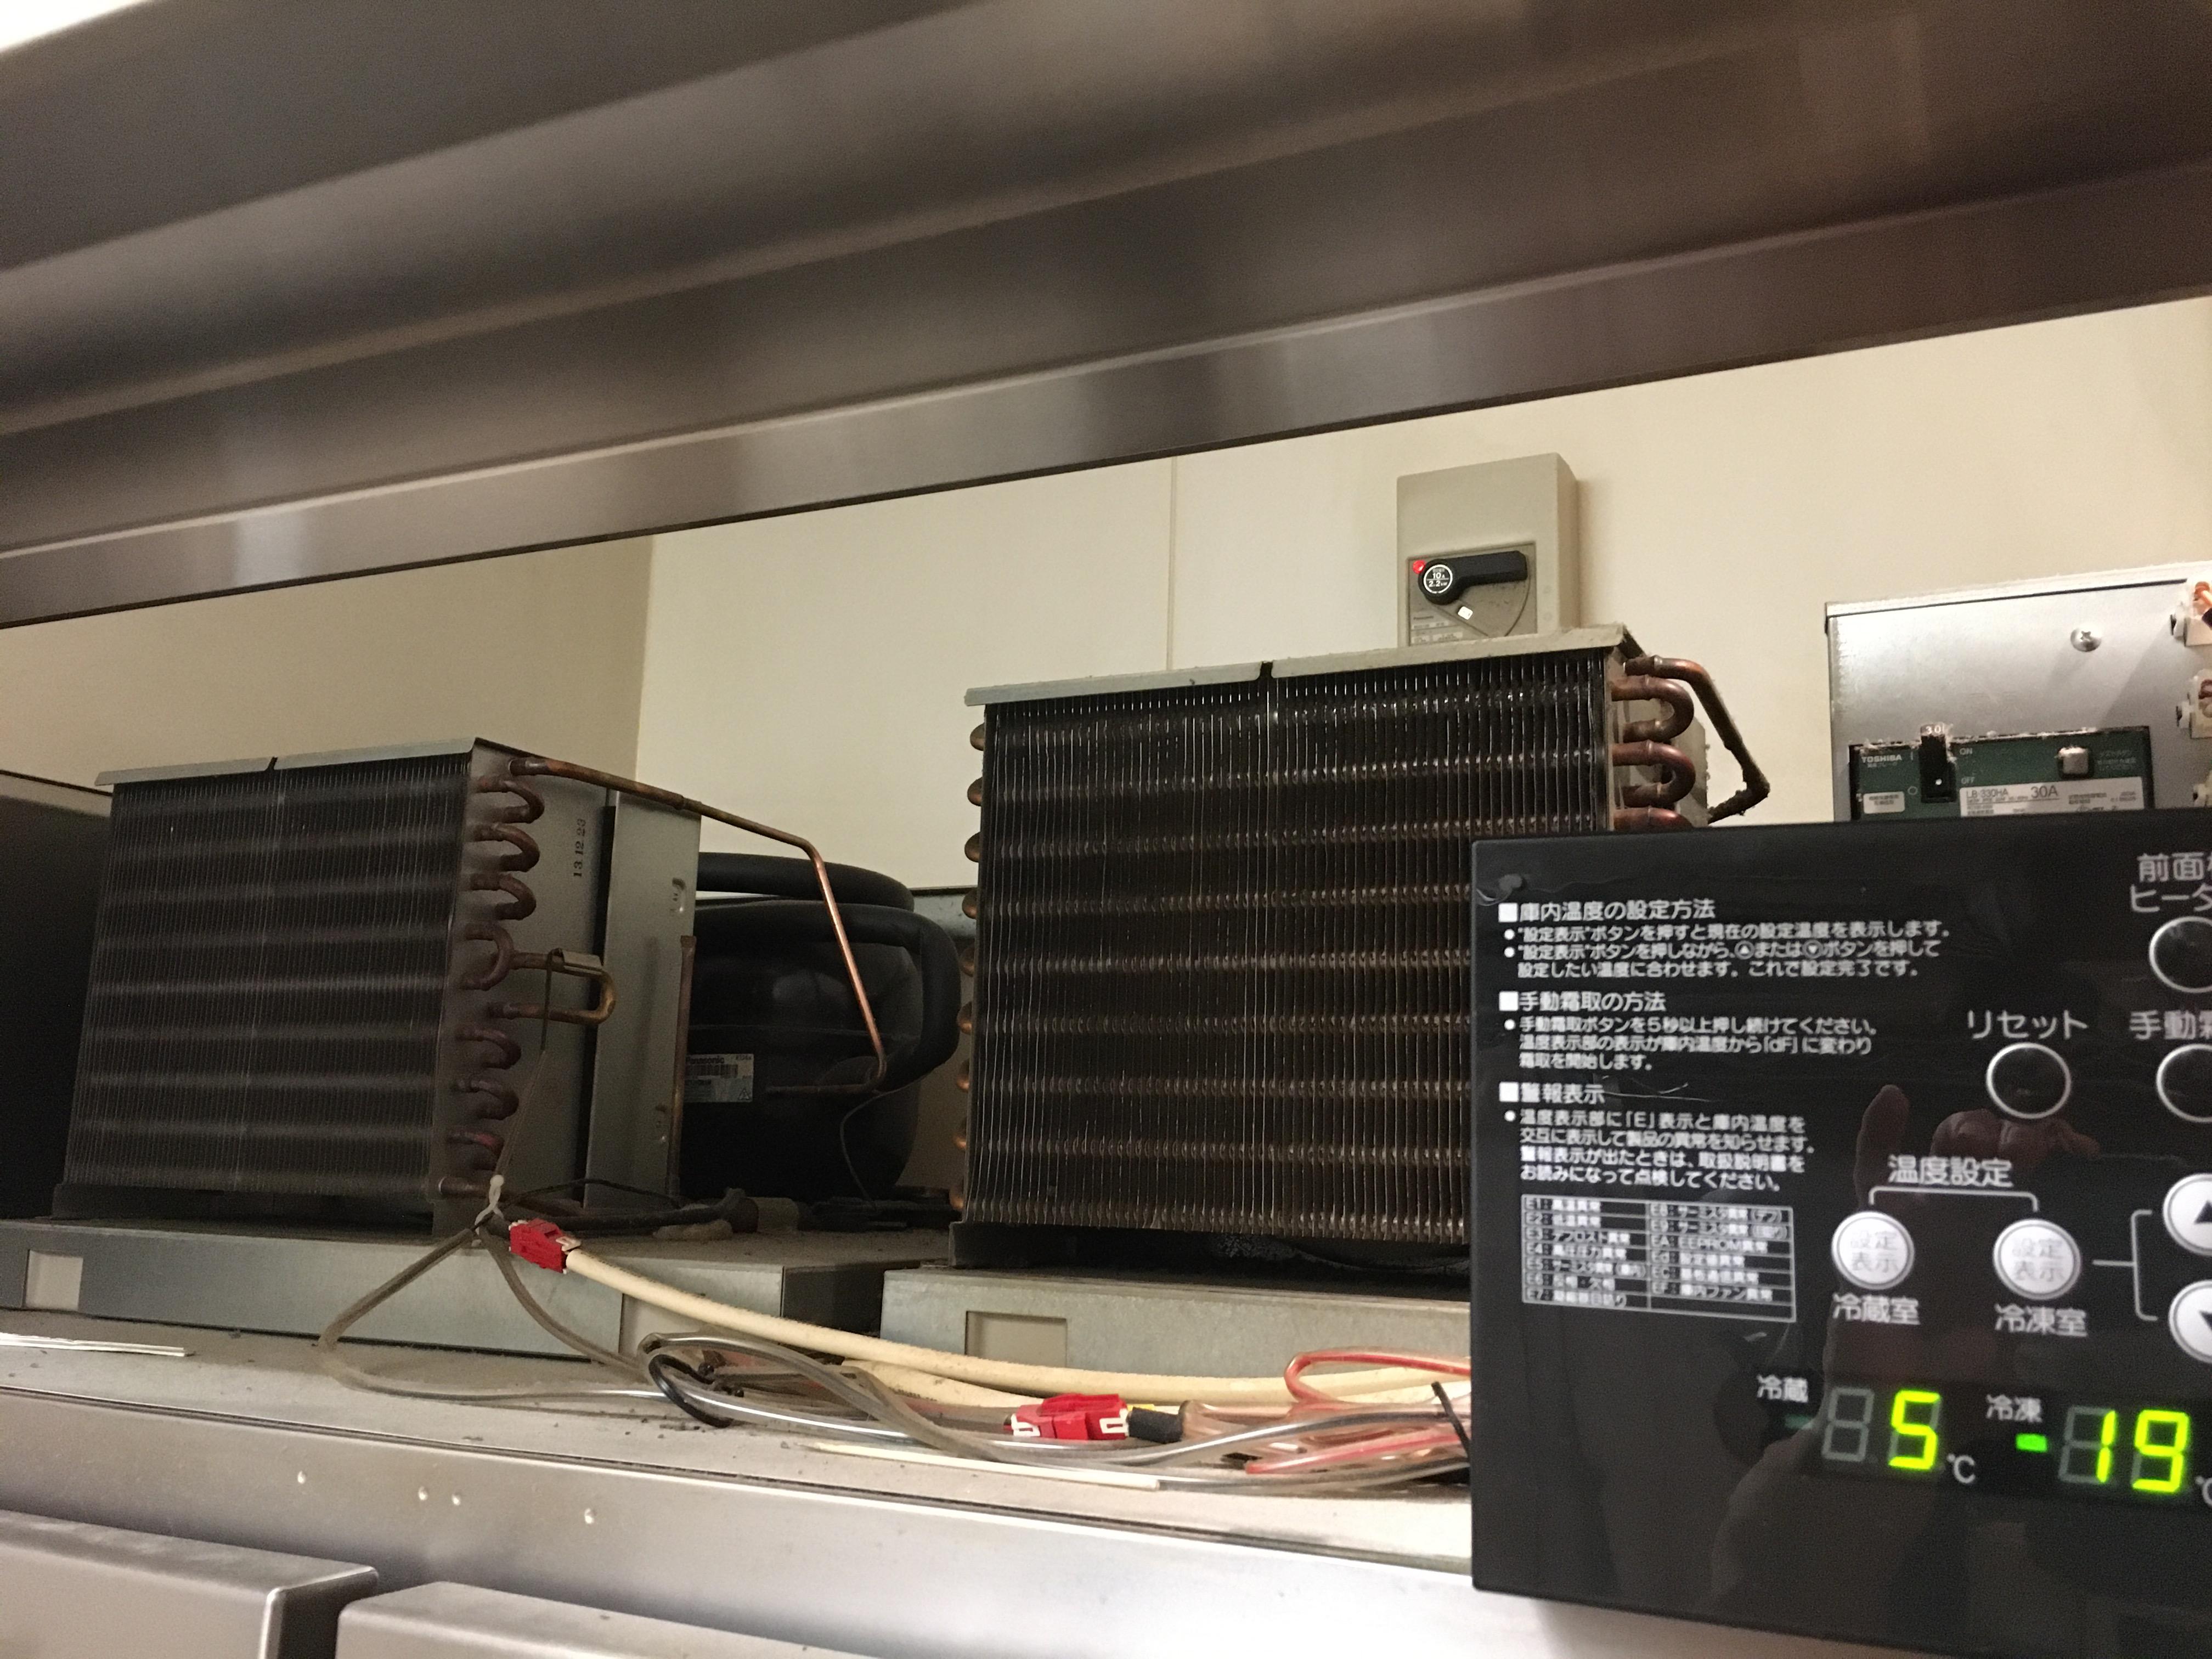 冷凍冷蔵庫の大切な部分を掃除しました。